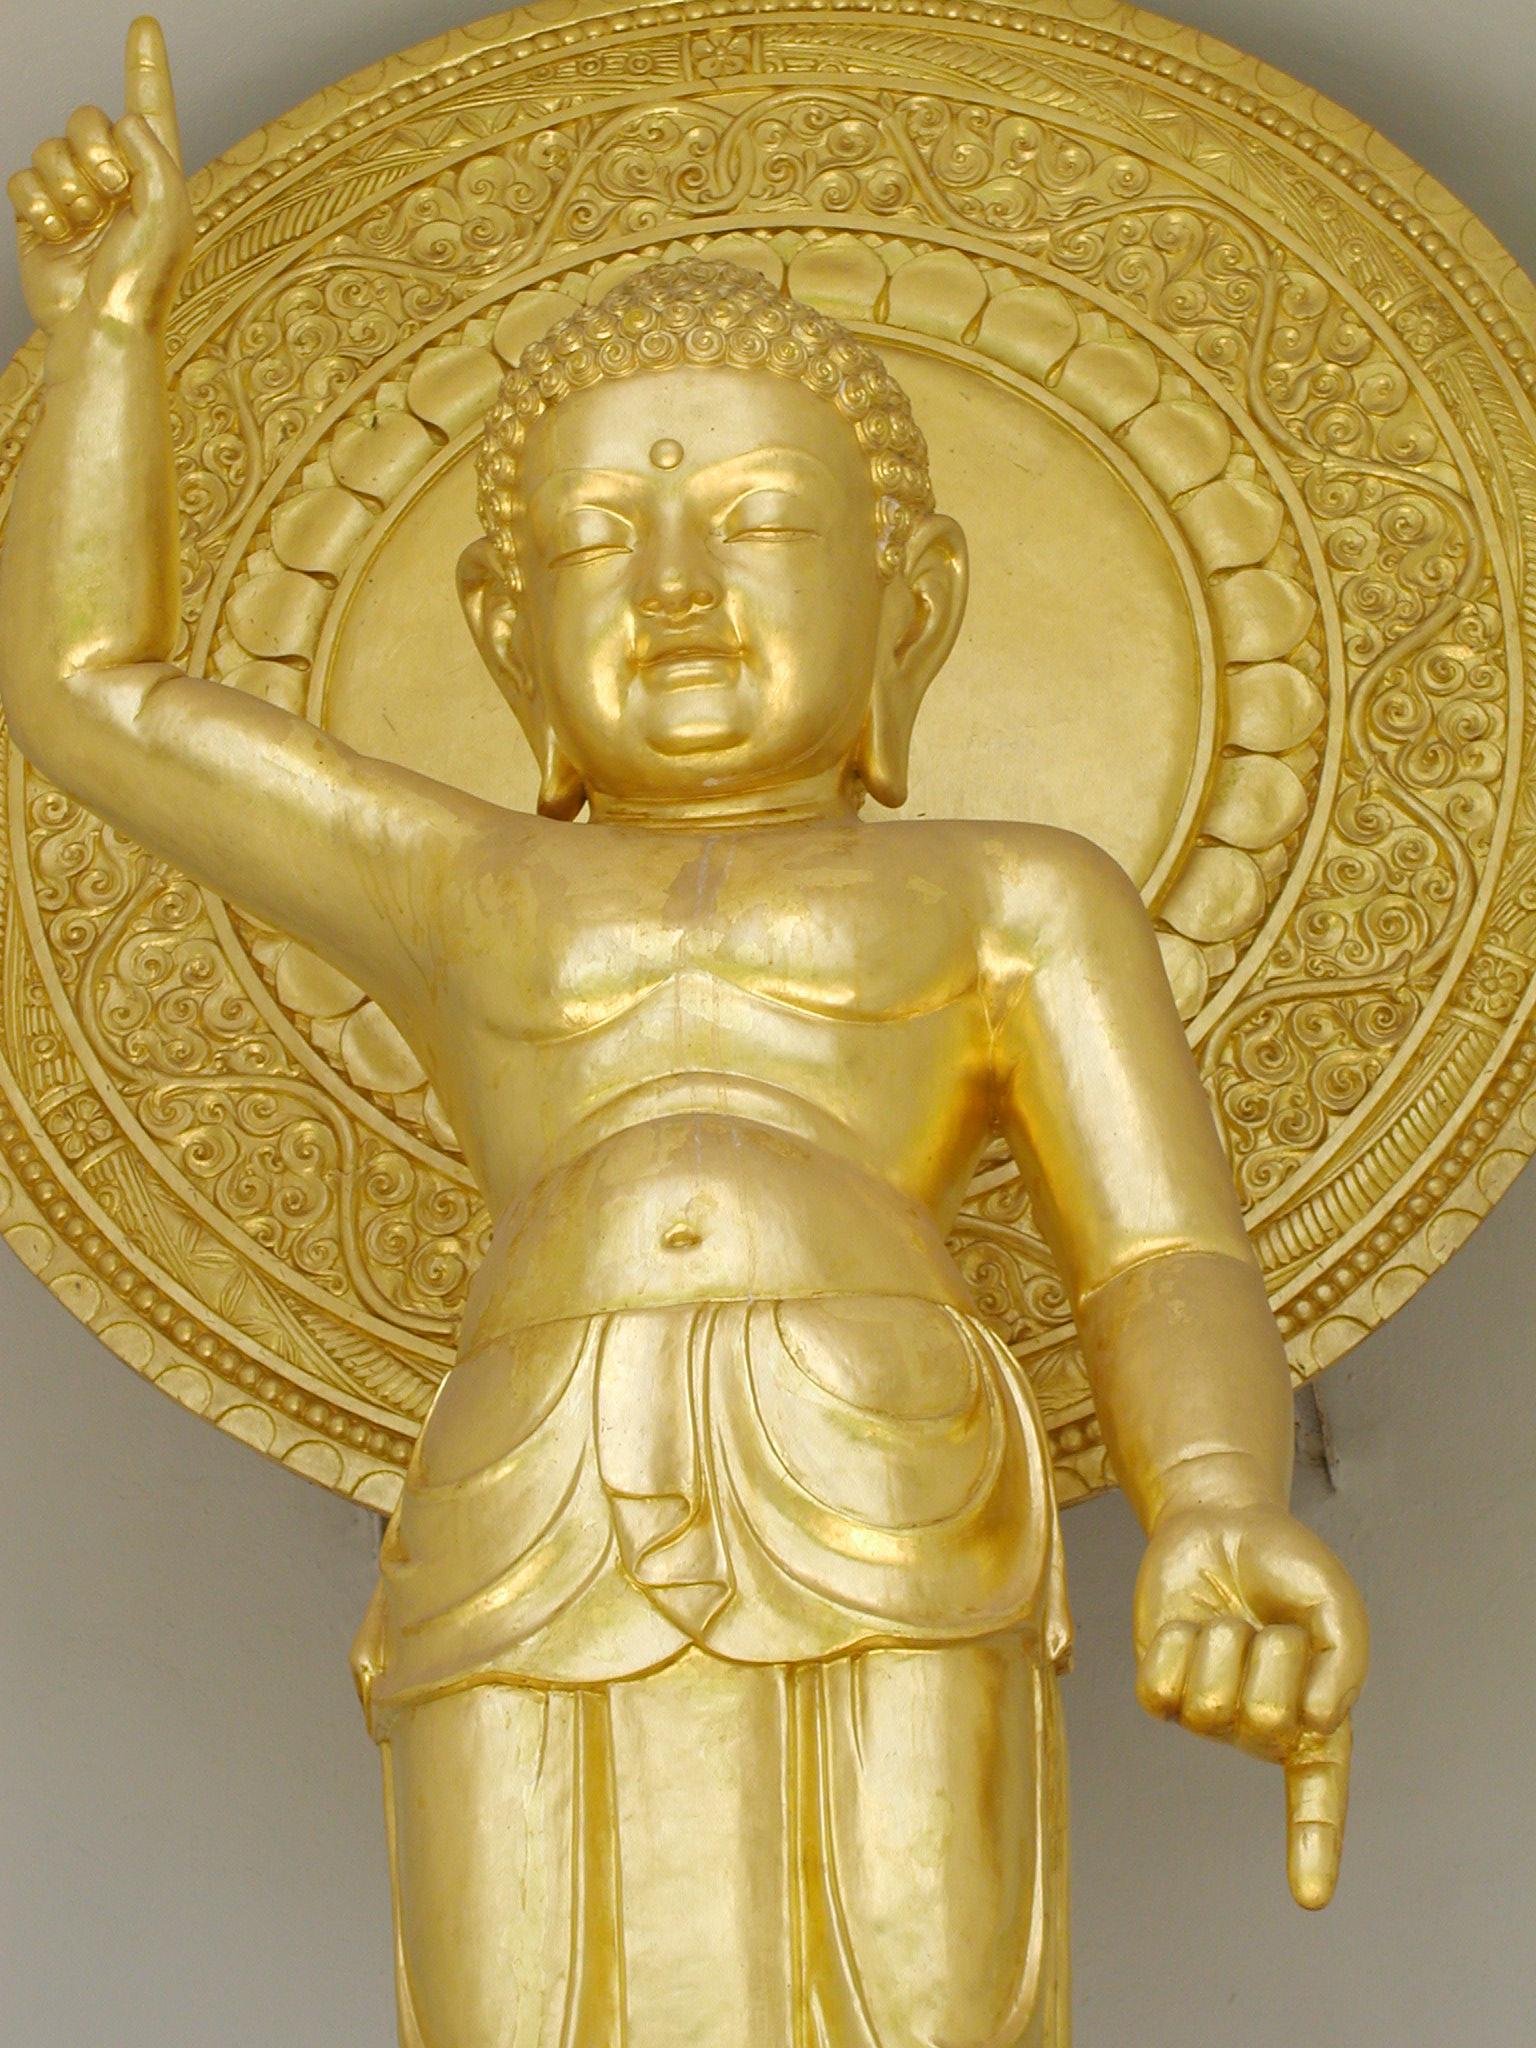 A gold statue inside a Buddhist stupa